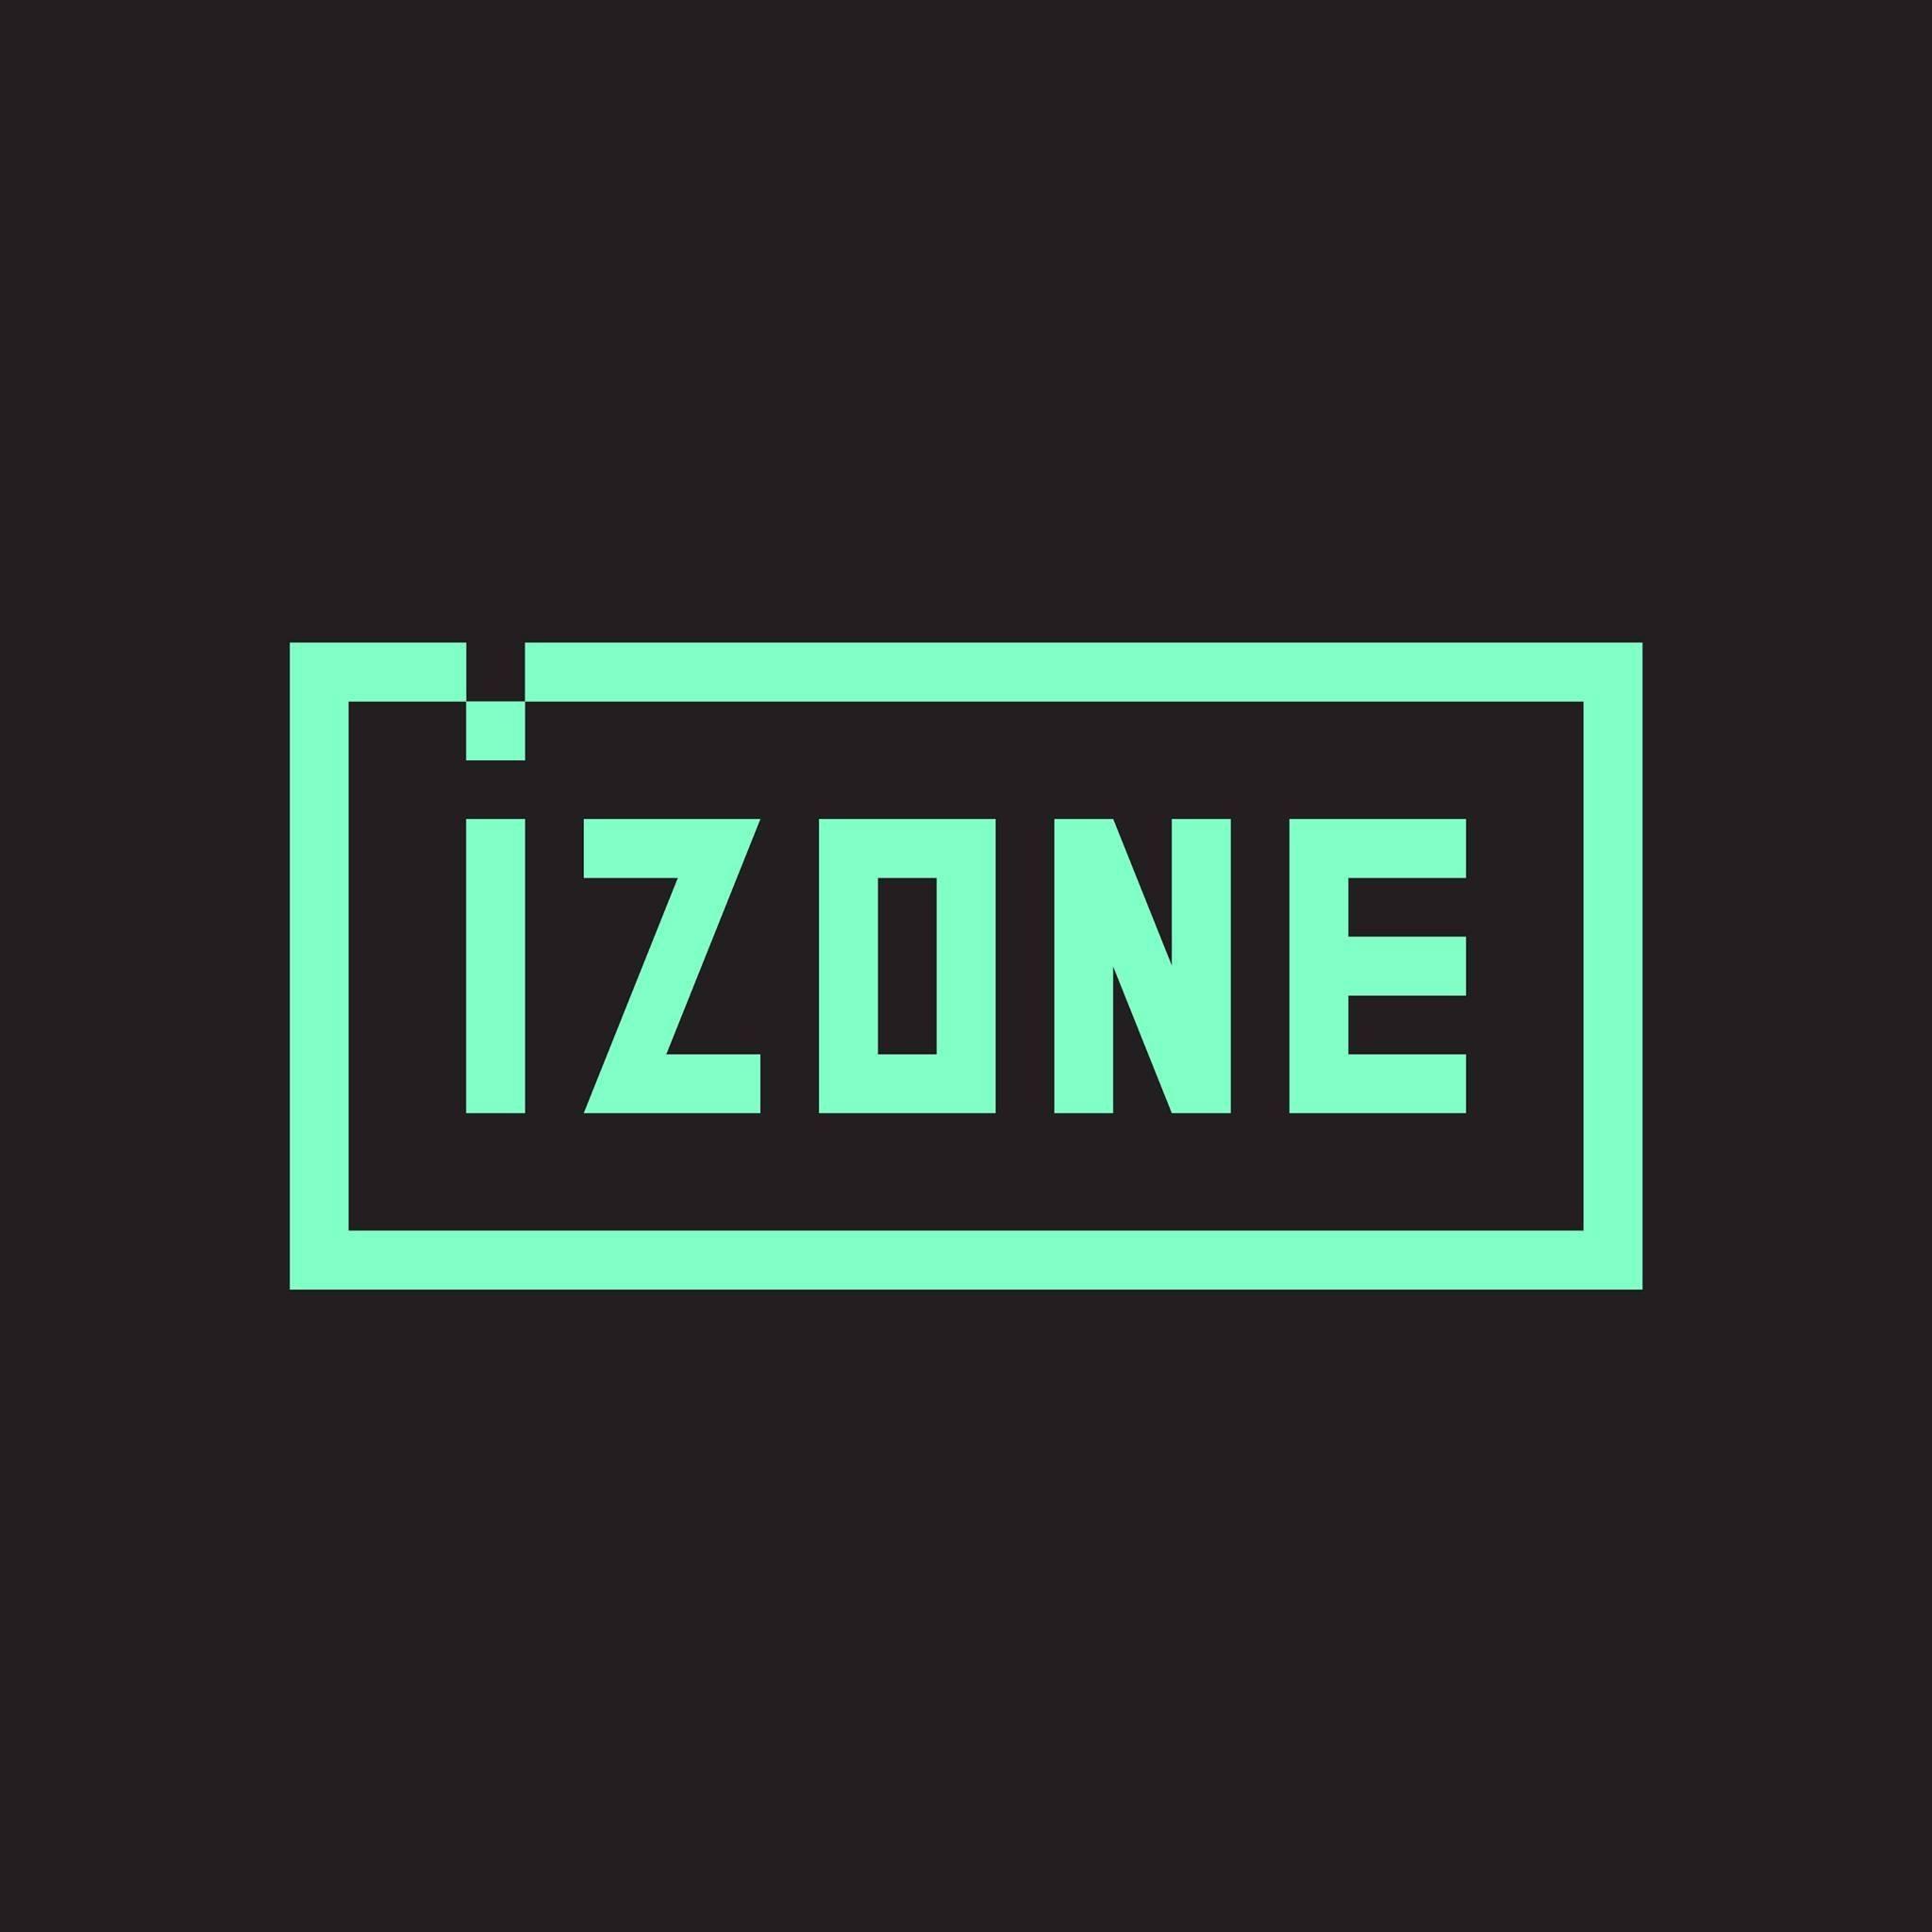 IZONE – культурний кластер та креативний інкубатор з відкритим доступом до студій-майстерень.